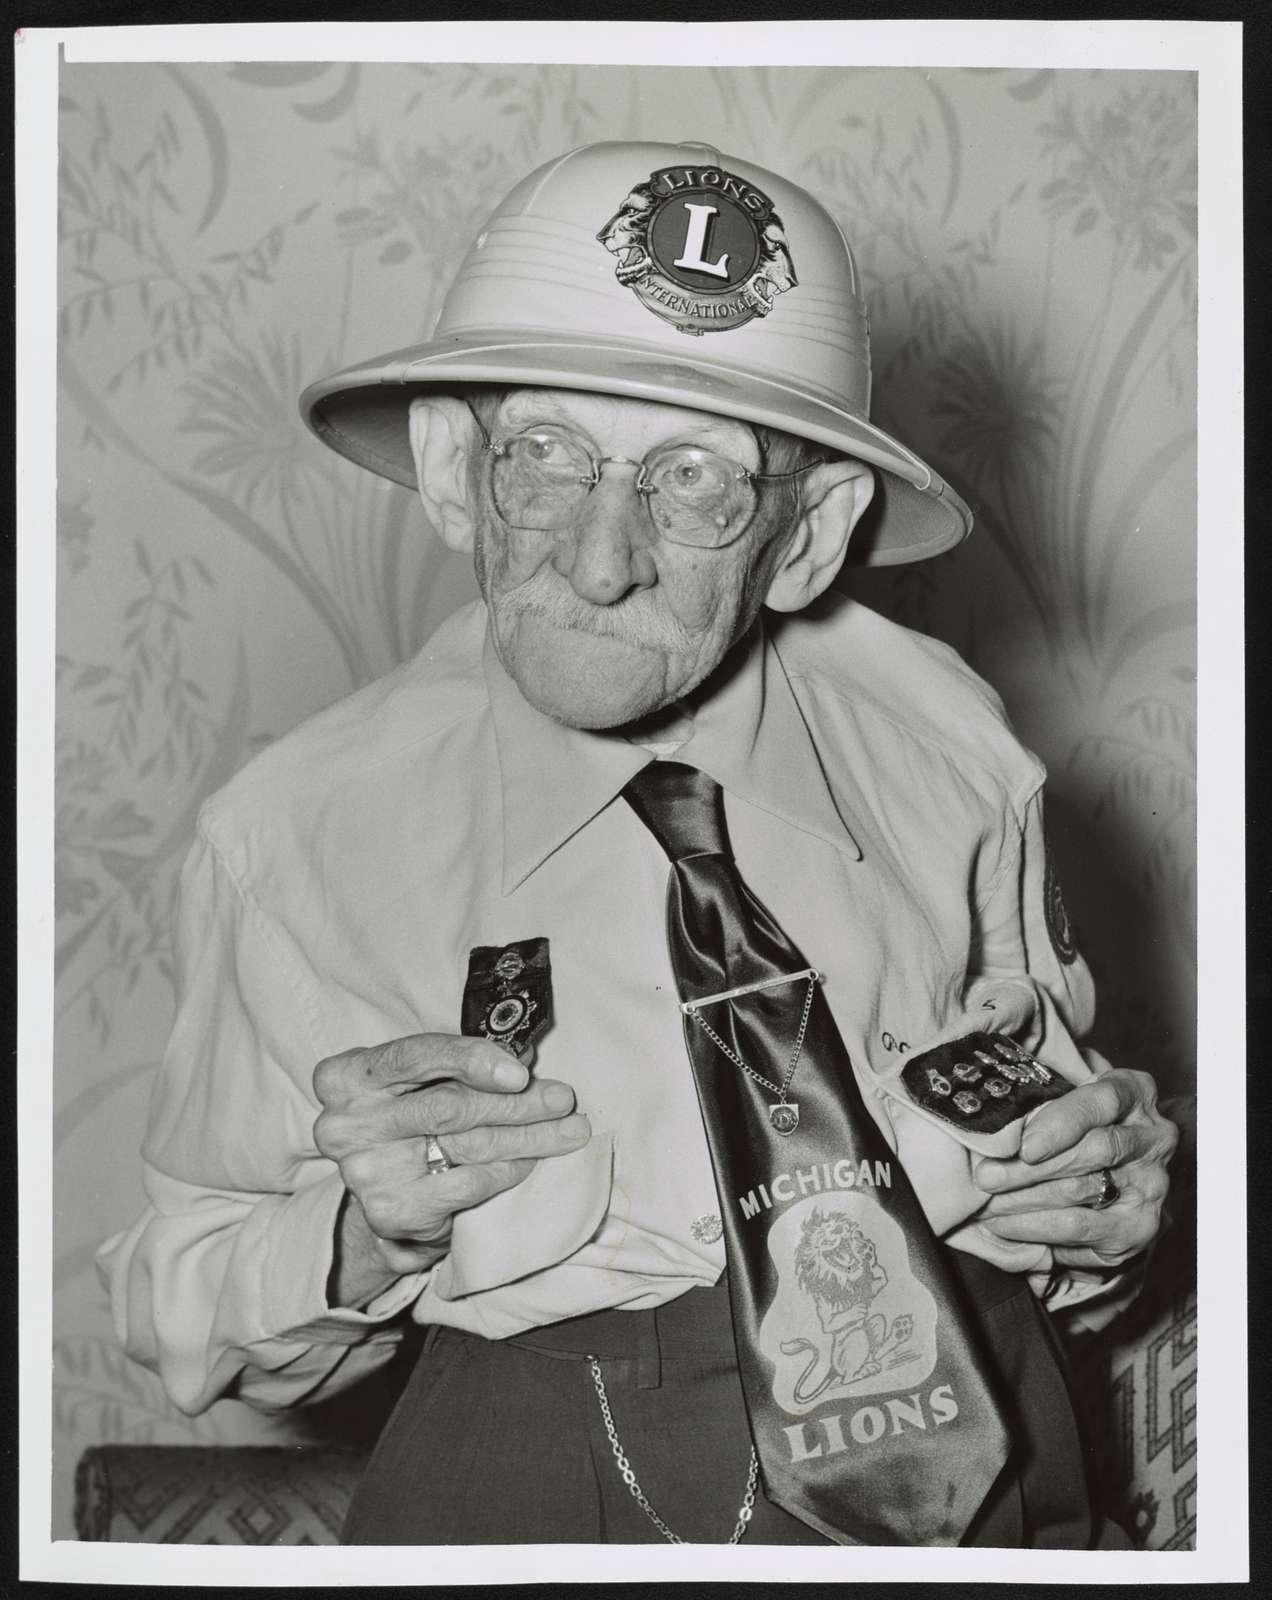 [Mr. Fred Banke (97), oldest active Lion, Michigan delegation] / World Telegram & Sun photo by Herman Hiller.